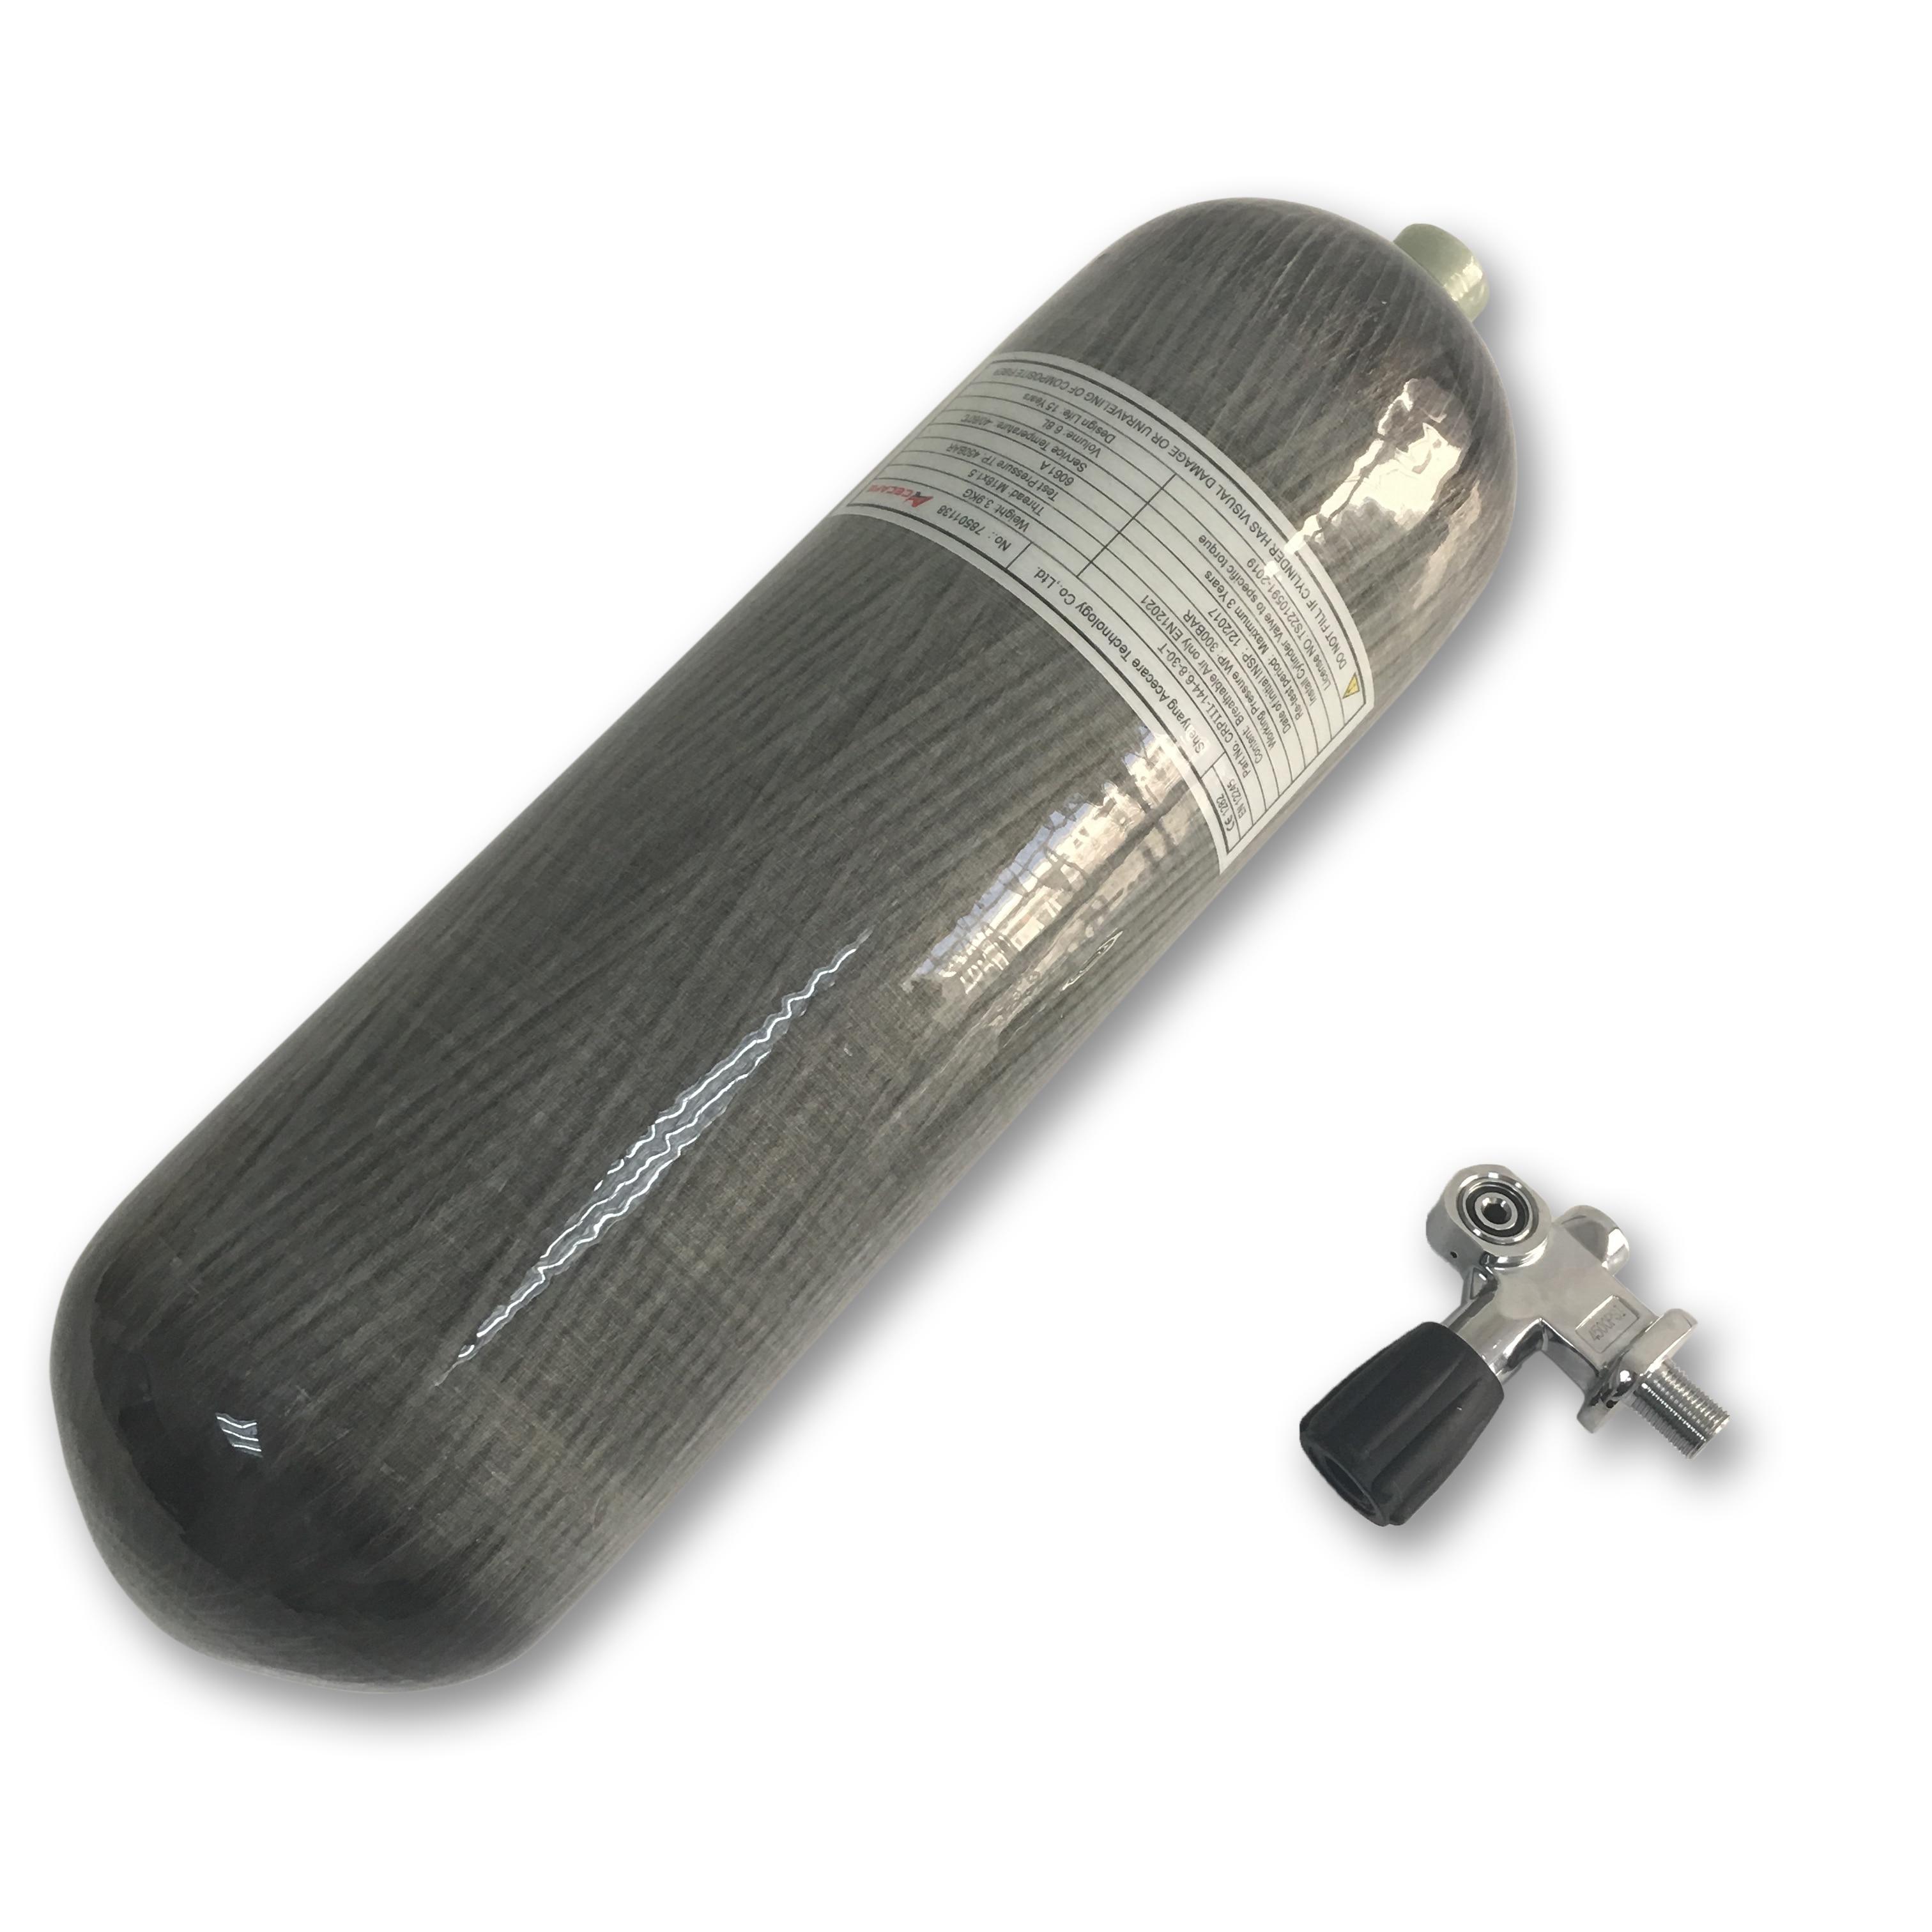 AC168301 Pcp Air Gun 6.8L Paintball Rifle 3Ac36851 Air Rifle Tank Hpa 300Bar Thread M18*1.5 Carbon Fiber Air Tank With  Valve